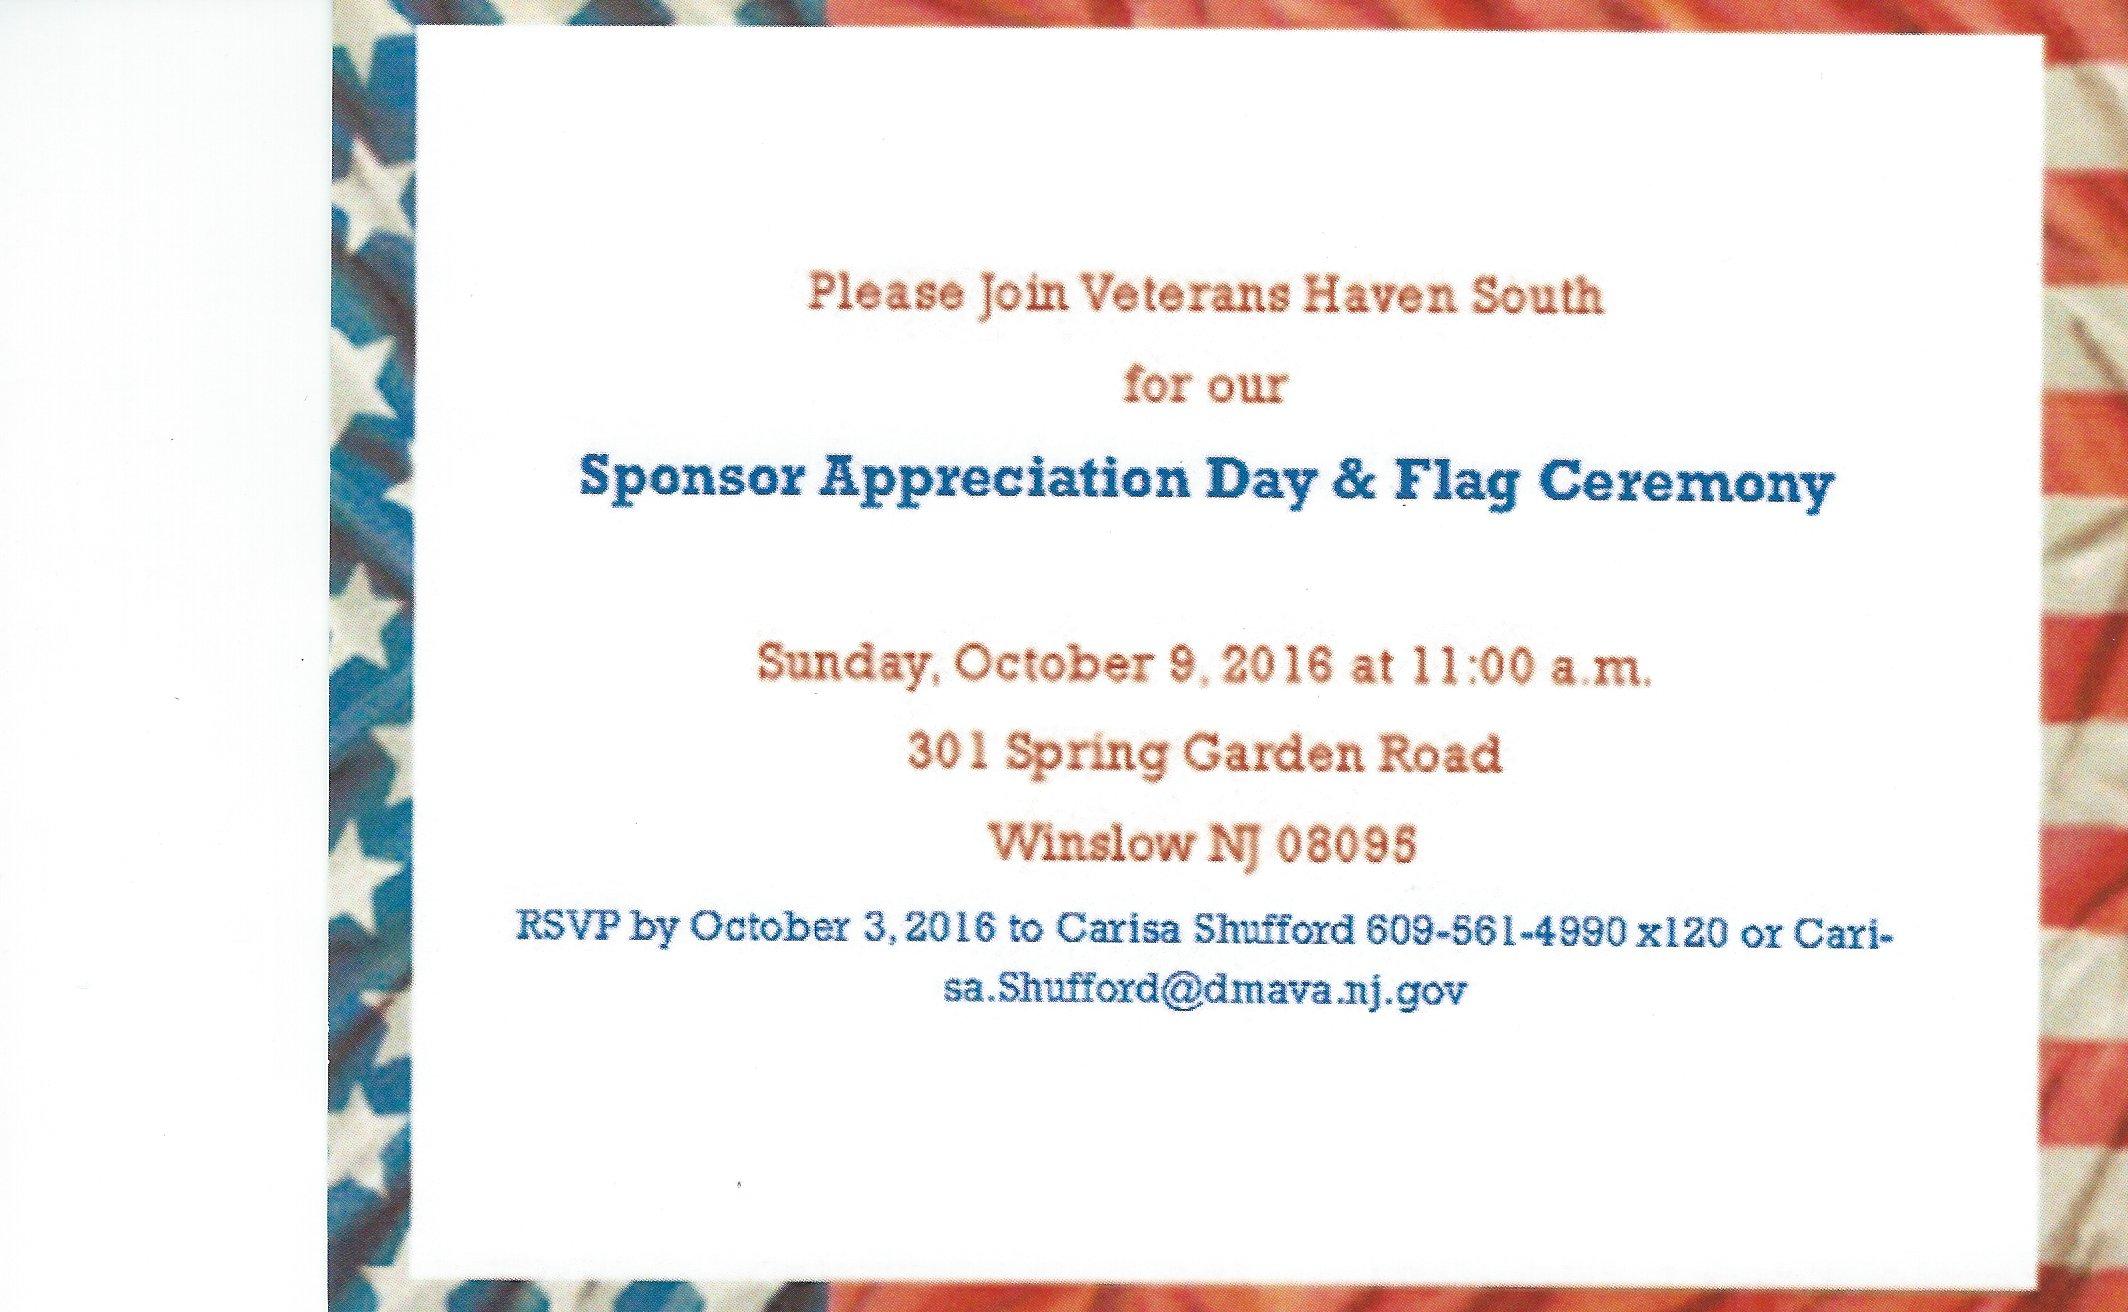 Sponsor Appreciation and Flag Ceremony